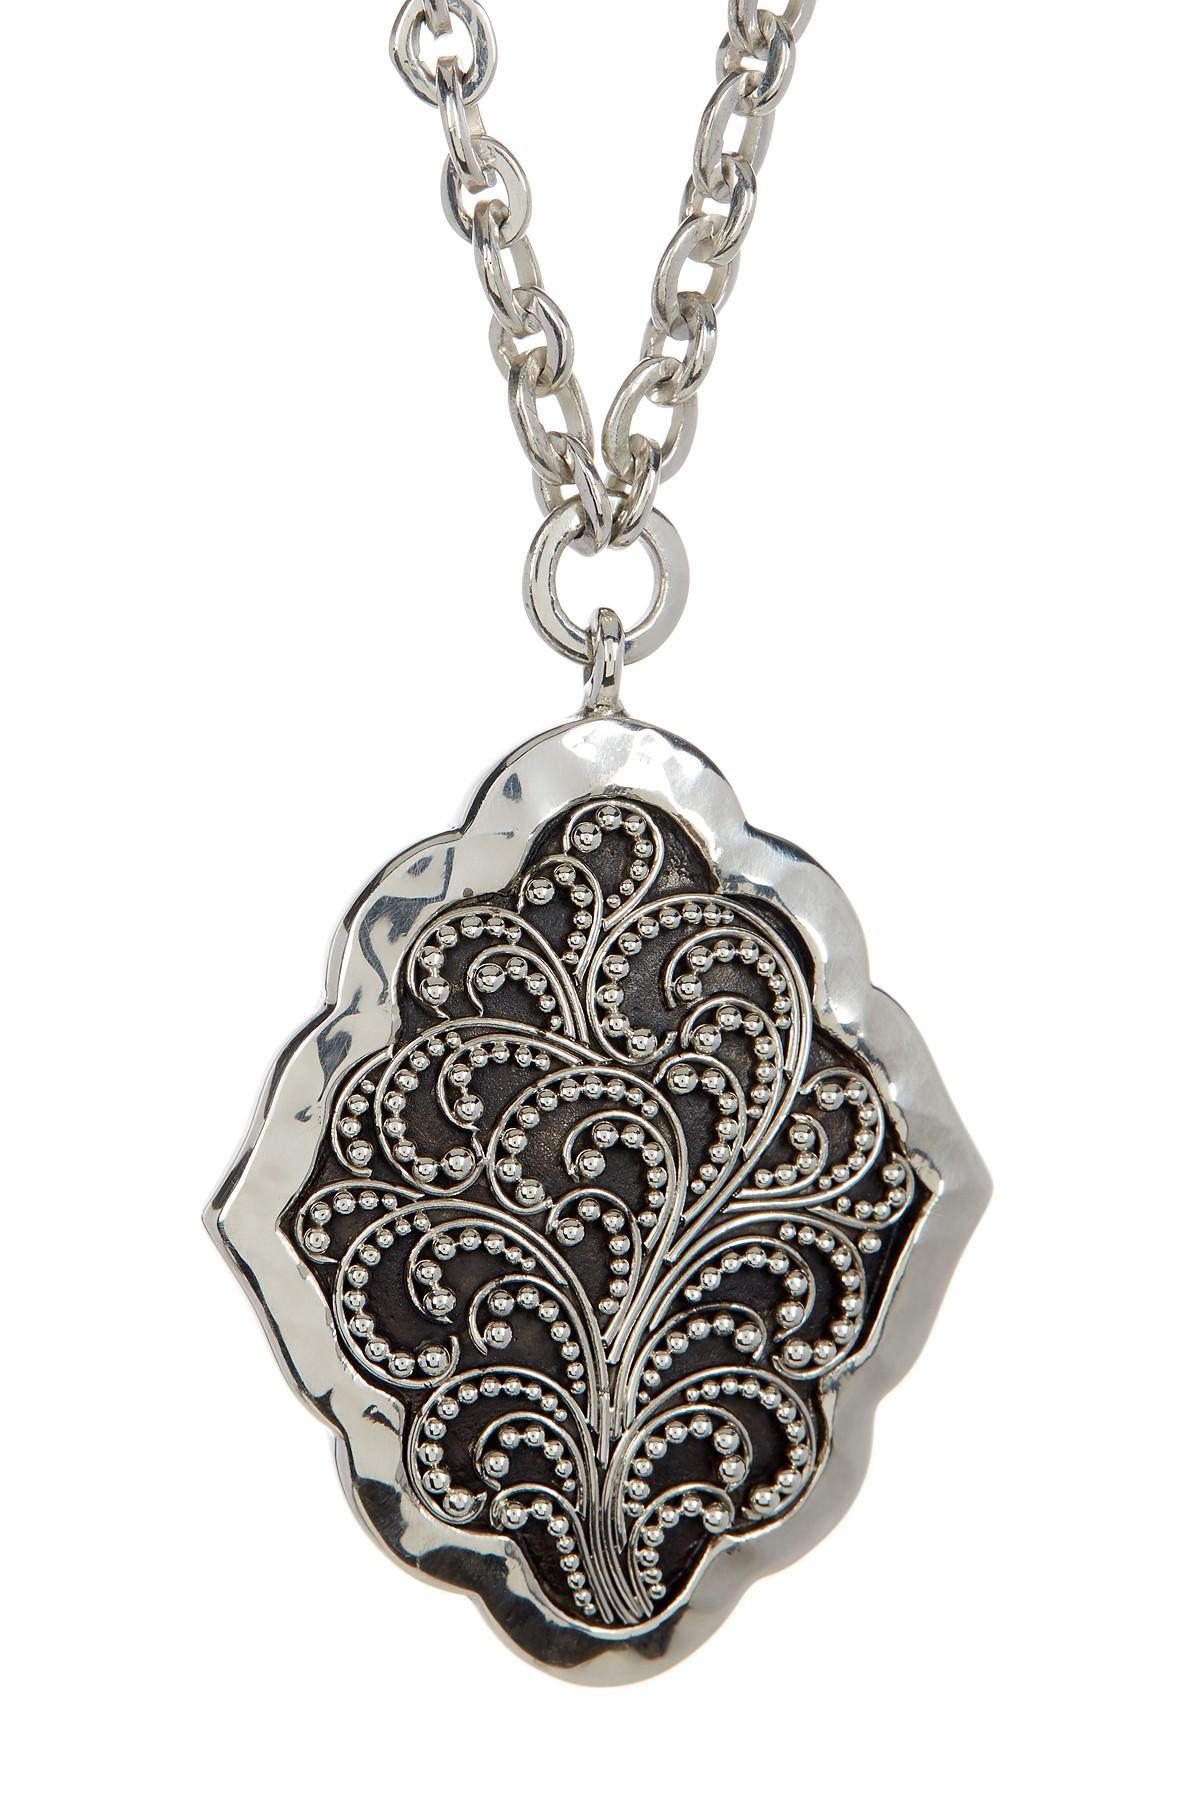 Handmade Jewelry Designers New York